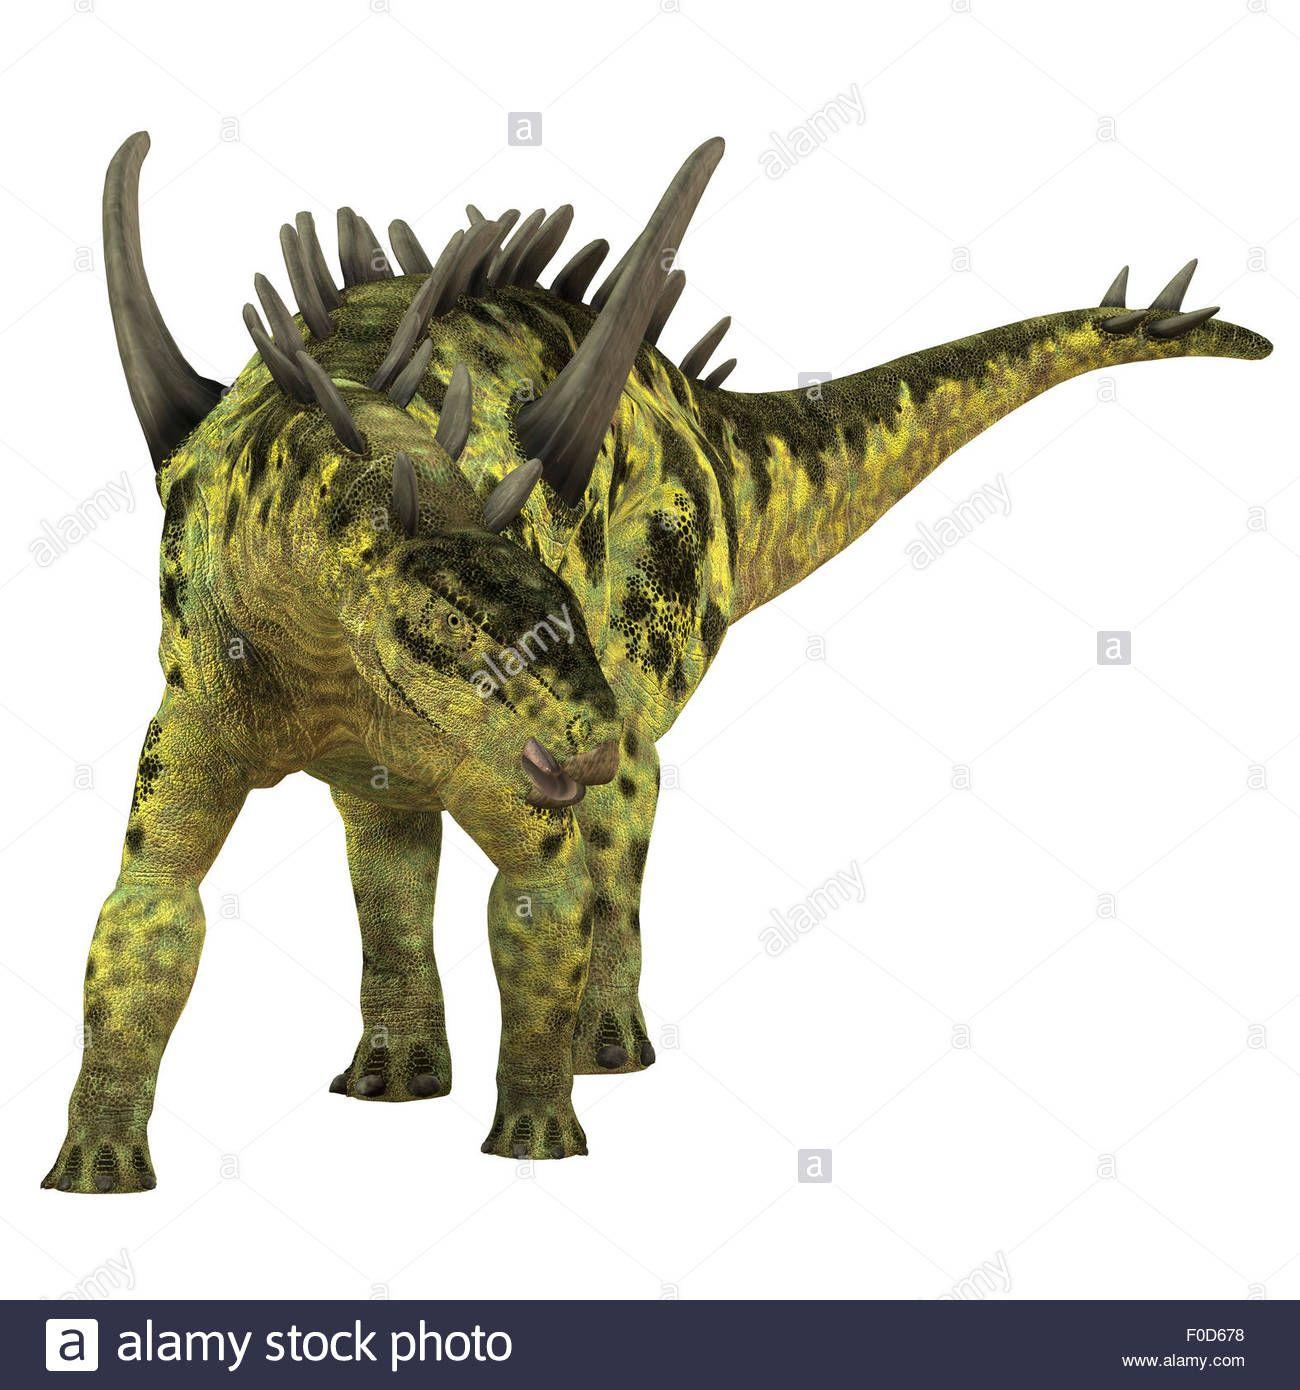 Gigantspinosaurus Was A Herbivorous Stegosaur Dinosaur